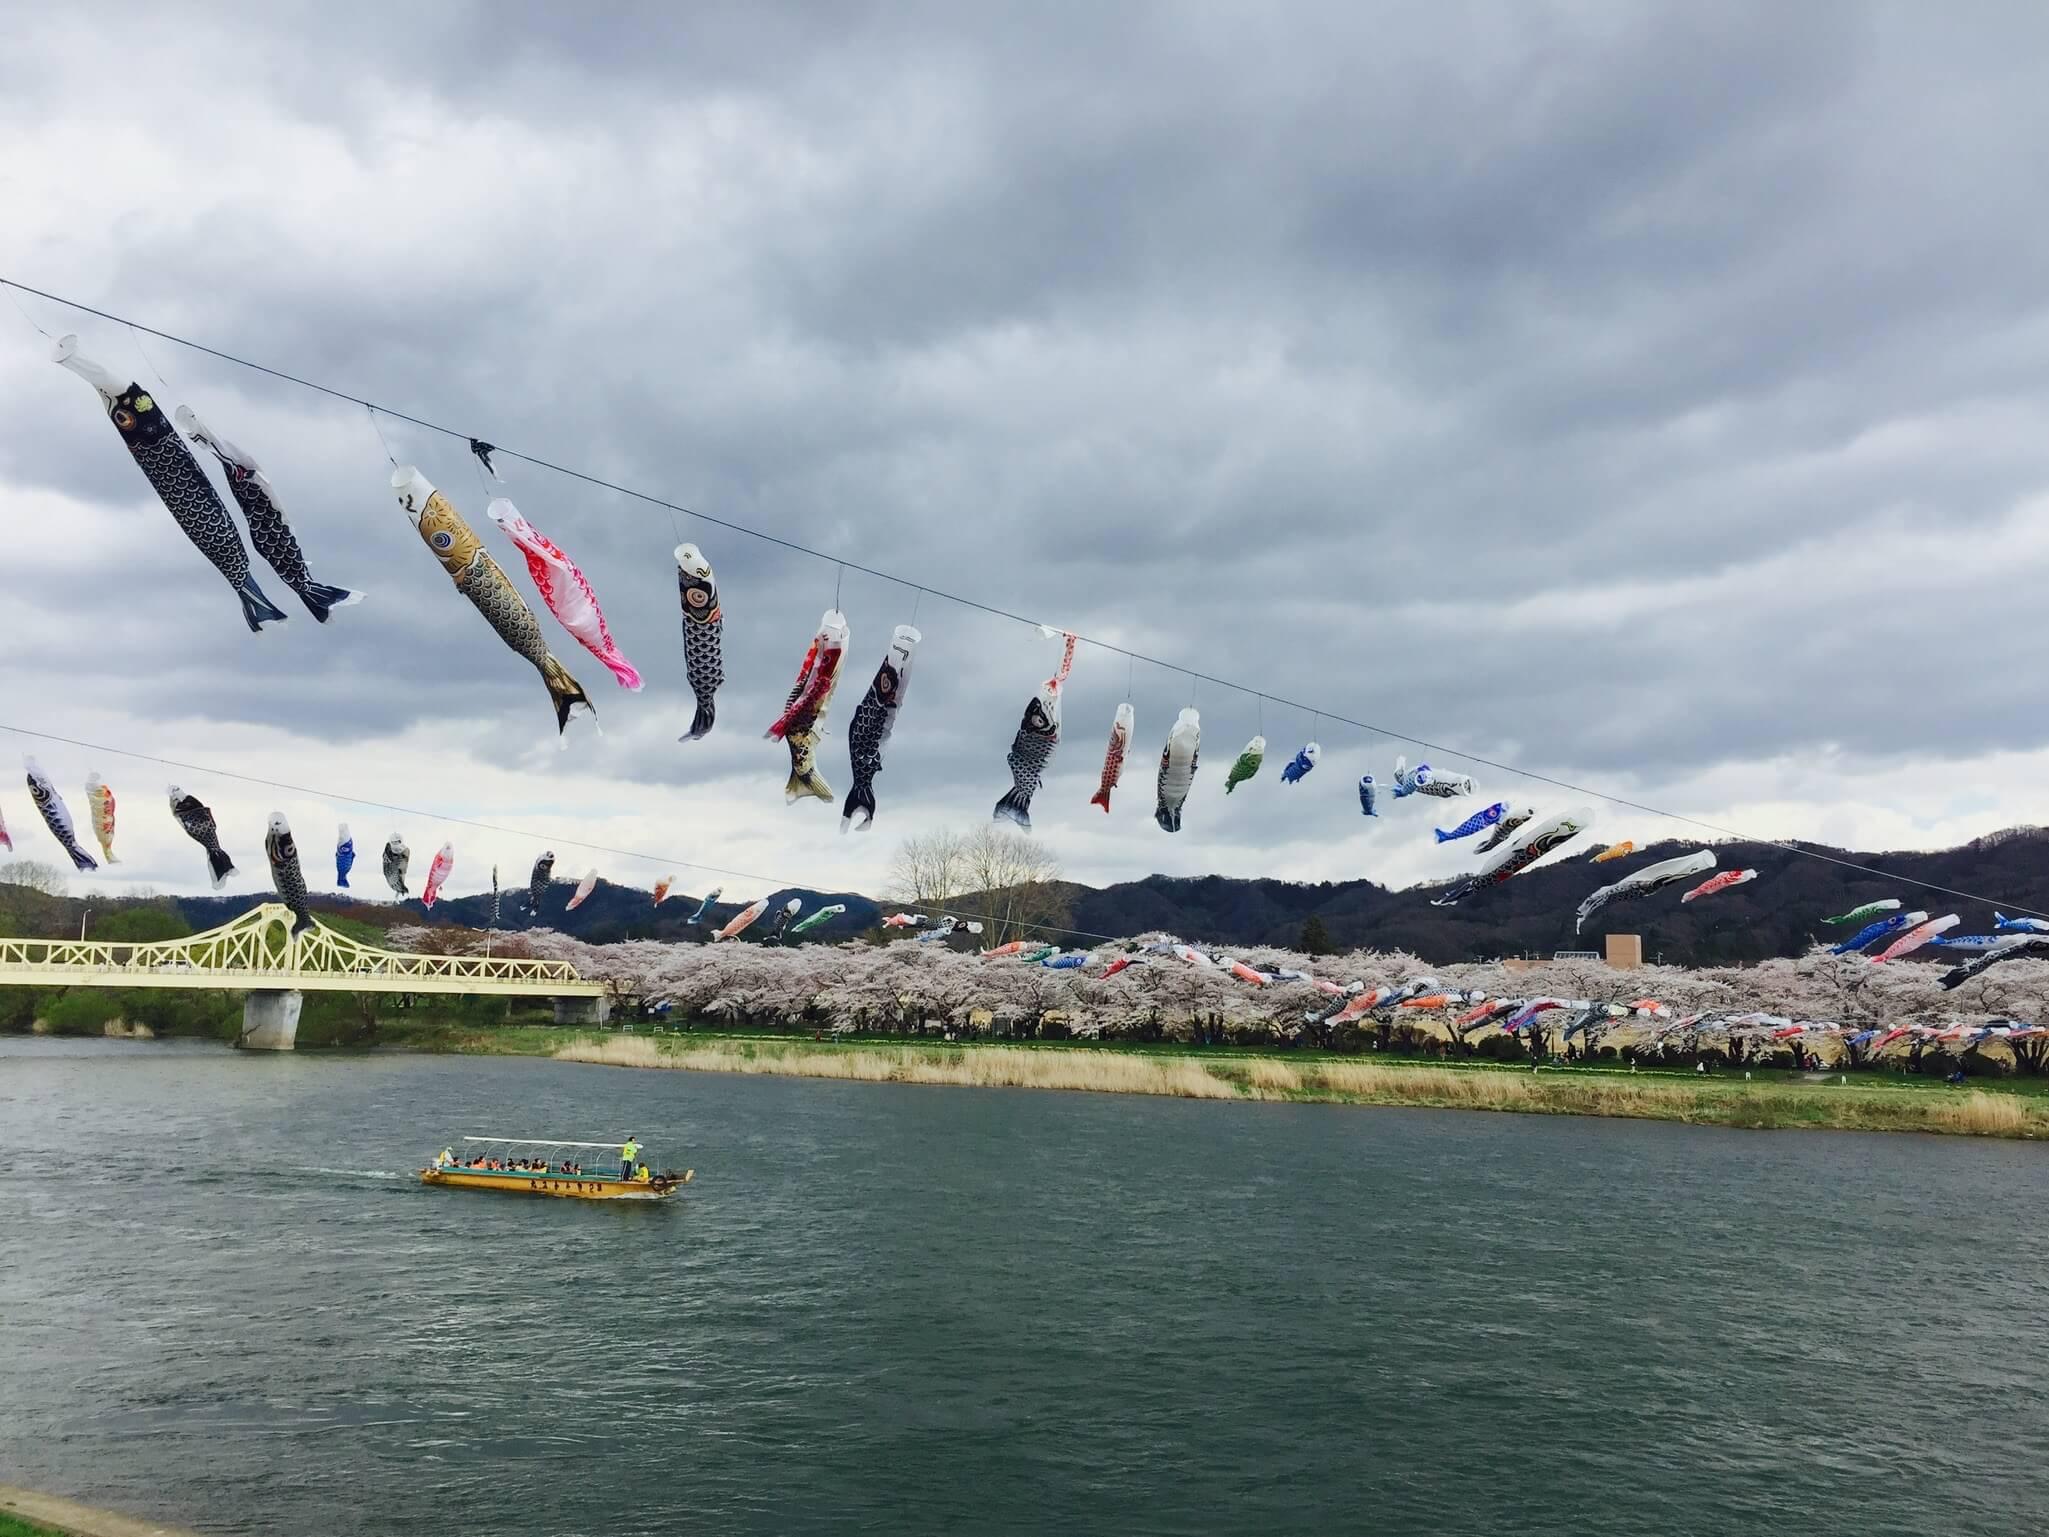 準備迎接黃金週到來的鯉魚旗。 Photographer | Zach Huang